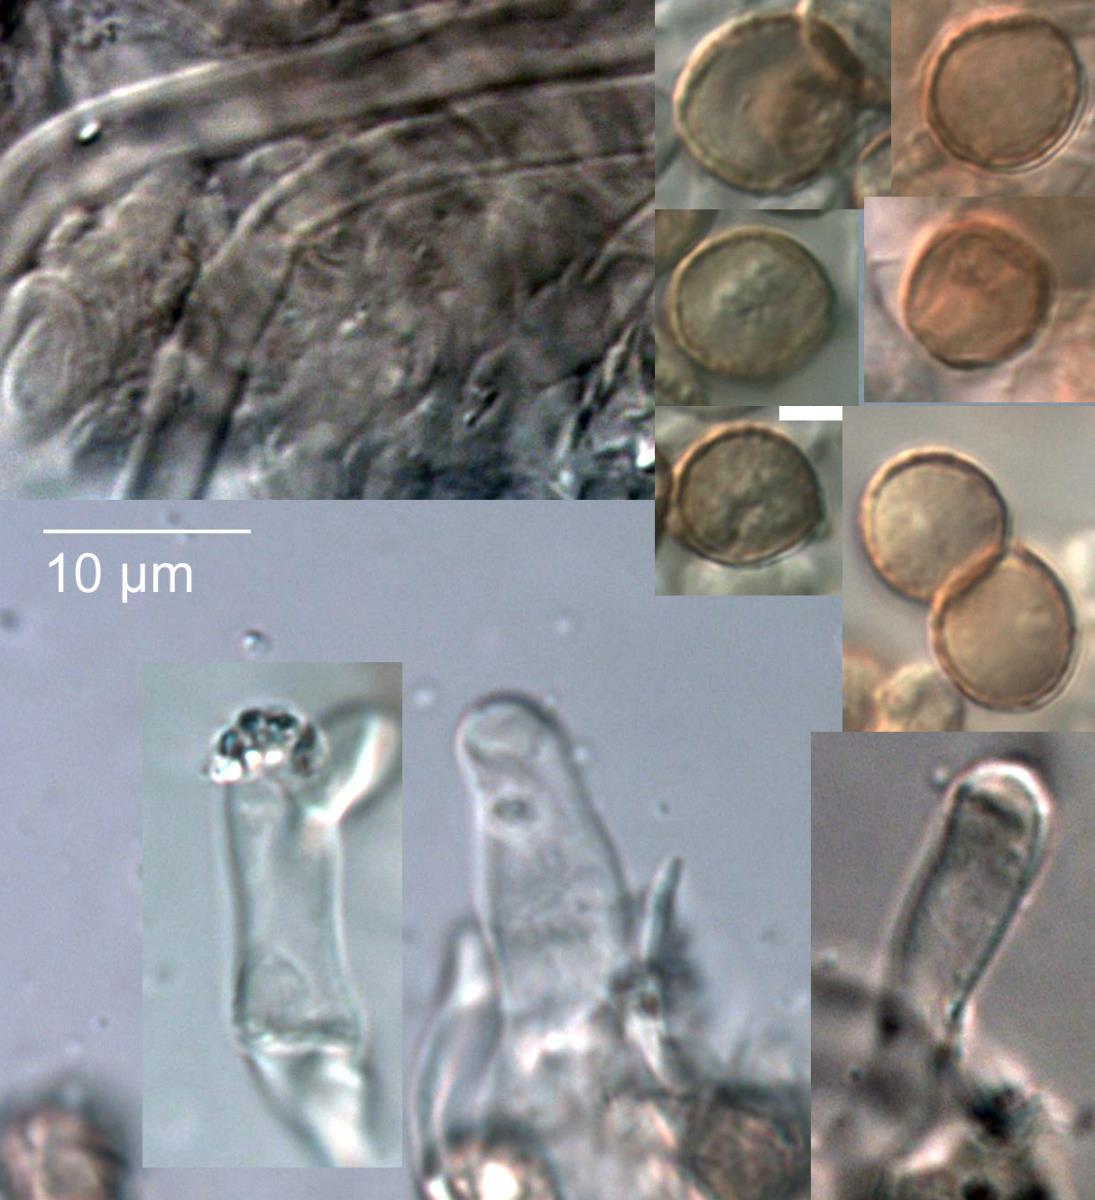 Crepidotus aureus image